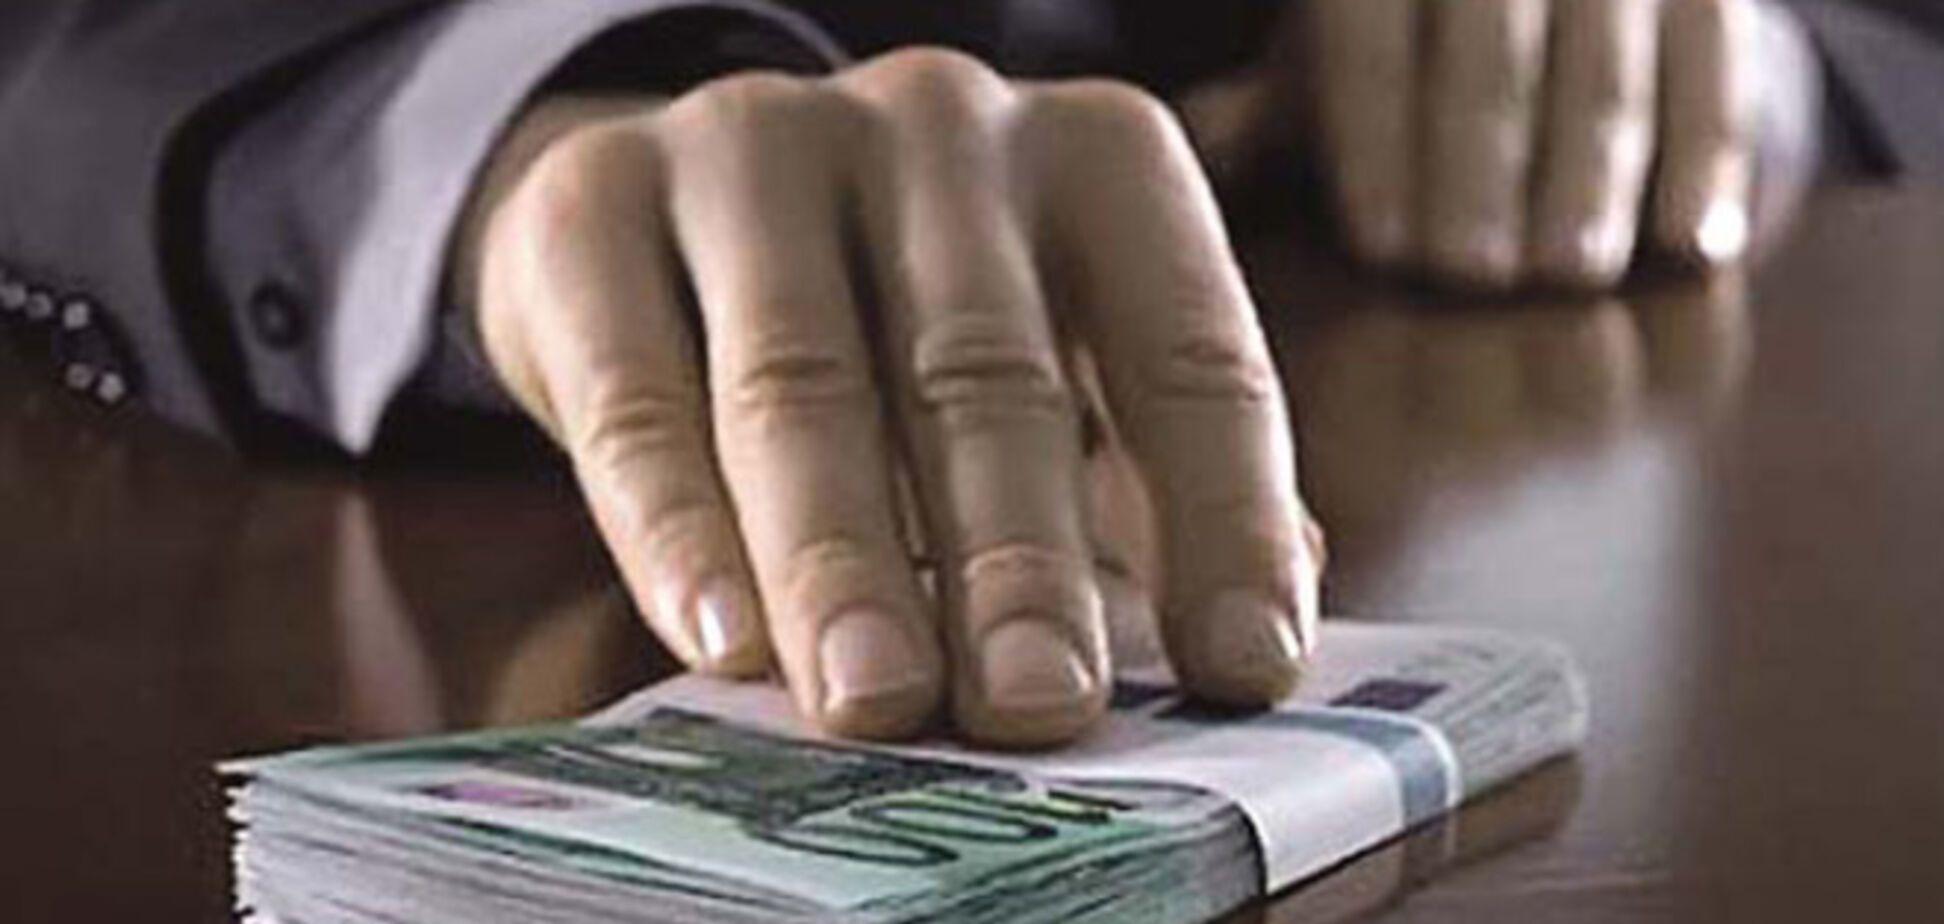 Тыловика-взяточника из Нацгвардии выпустили под залог в четверть миллиона